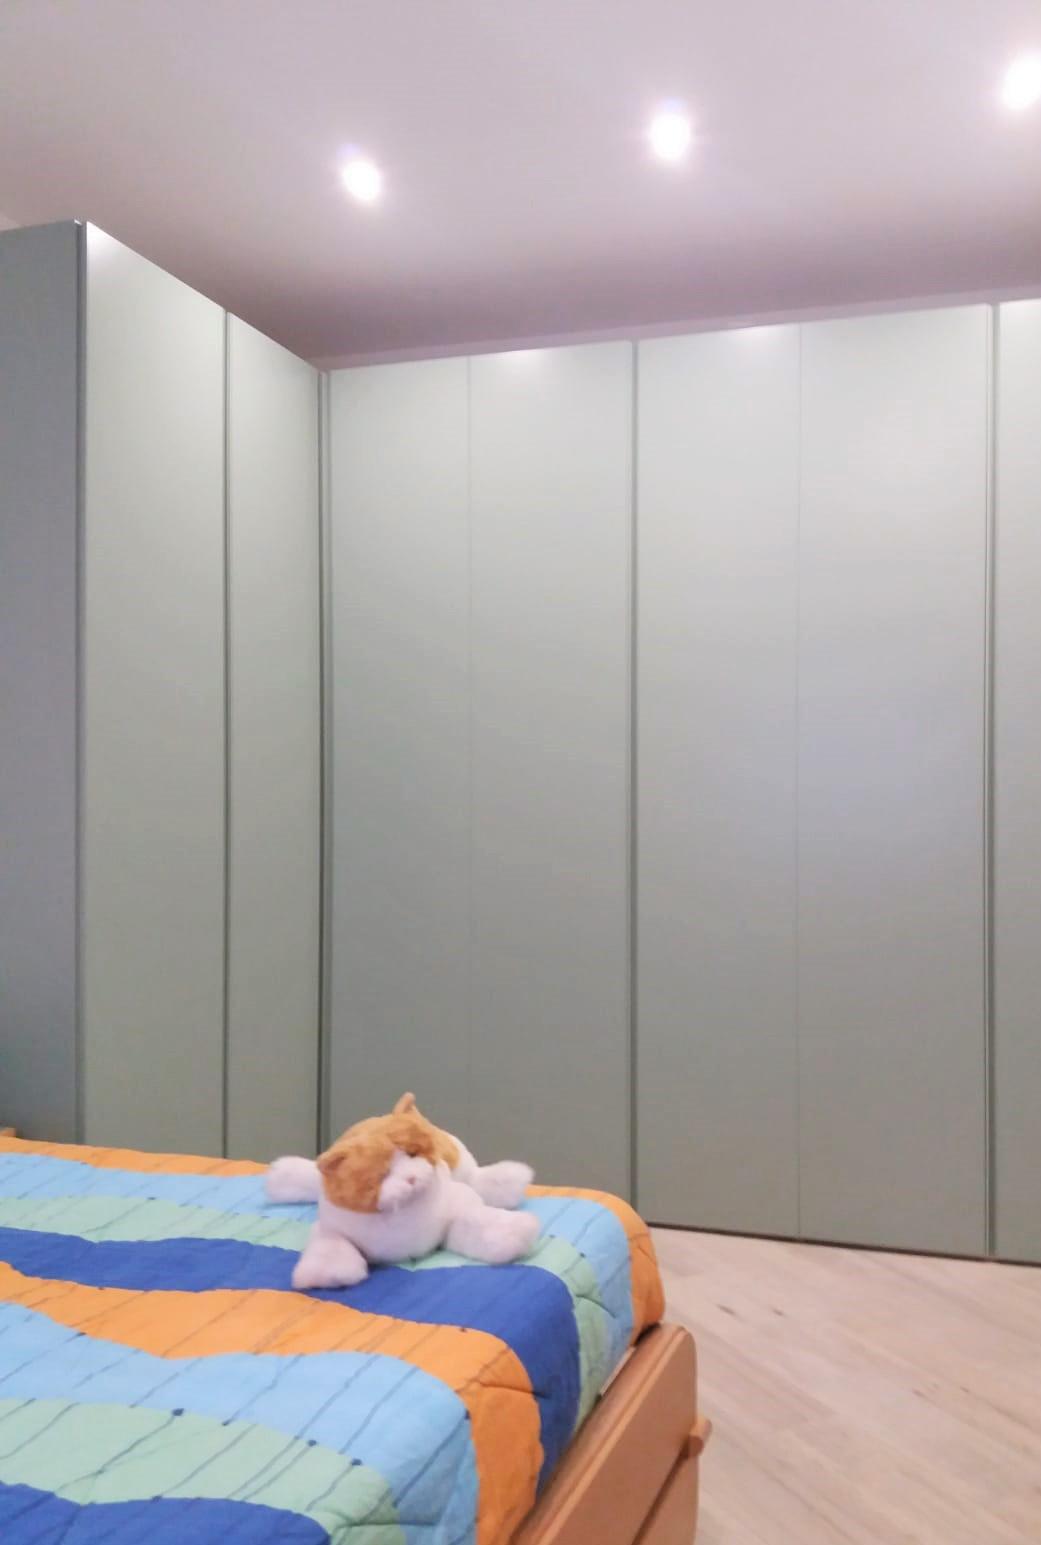 armadio-novamobili-centro dell'arredamento-savona-progetto